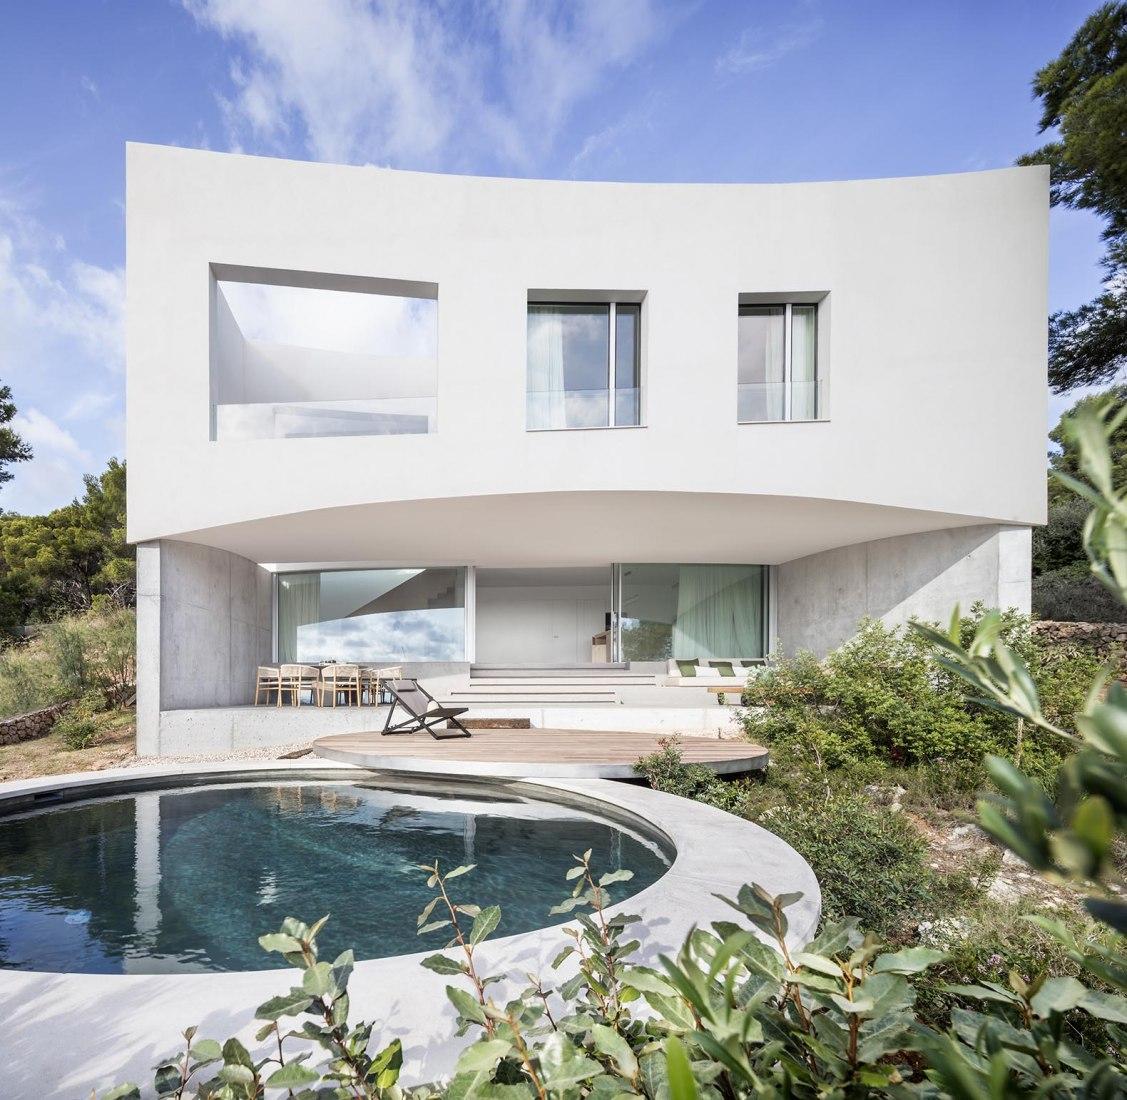 Casa curva por NOMO Studio. Fotografía por Adriâ Goulá